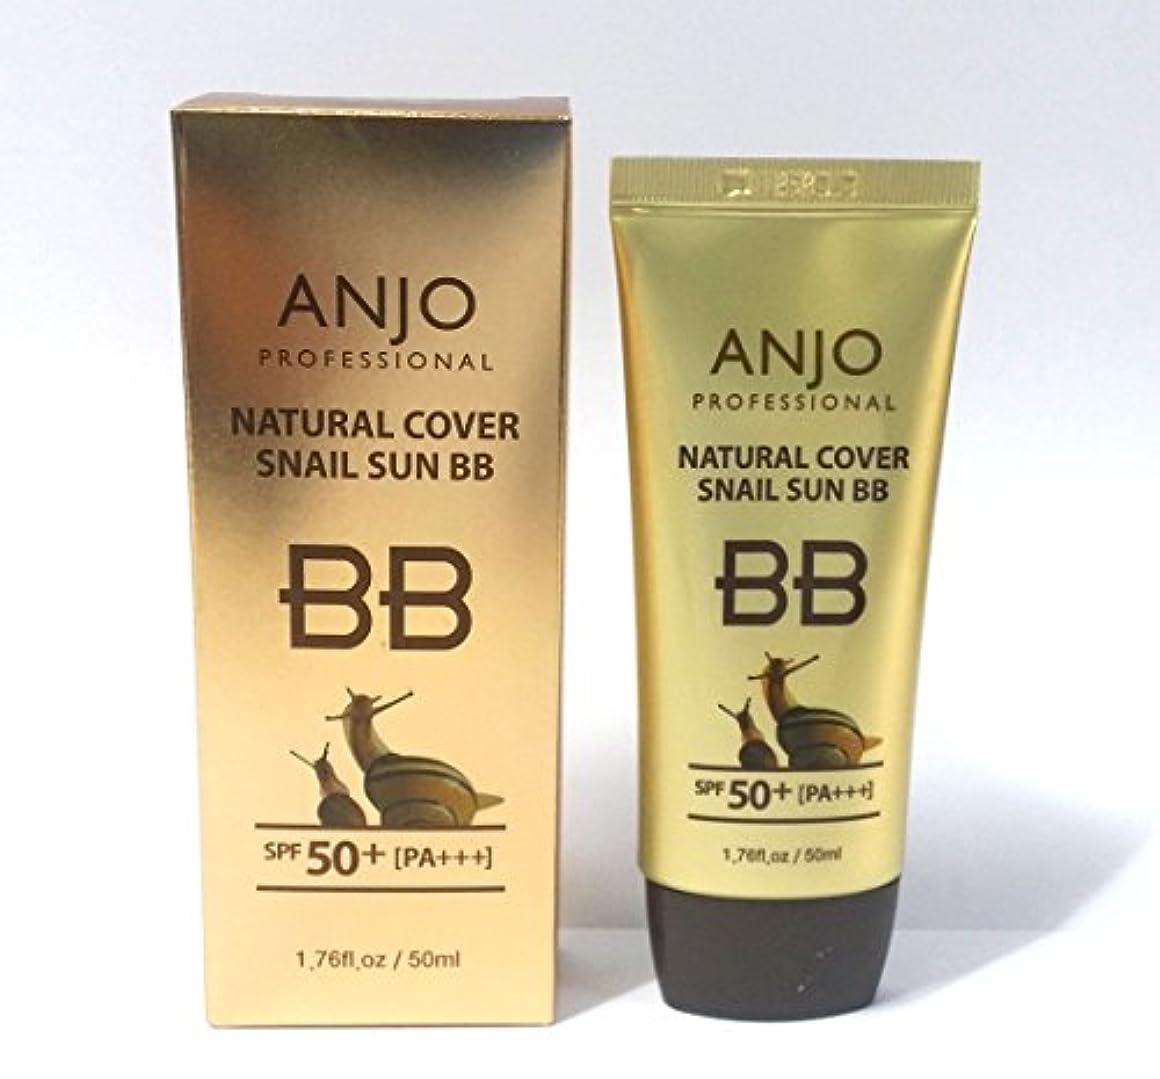 メッシュバイナリ影響を受けやすいです[ANJO] ナチュラルカバーカタツムリサンBBクリームSPF 50 + PA +++ 50ml X 6EA /メイクアップベース/カタツムリ粘液 / Natural Cover Snail Sun BB Cream SPF...